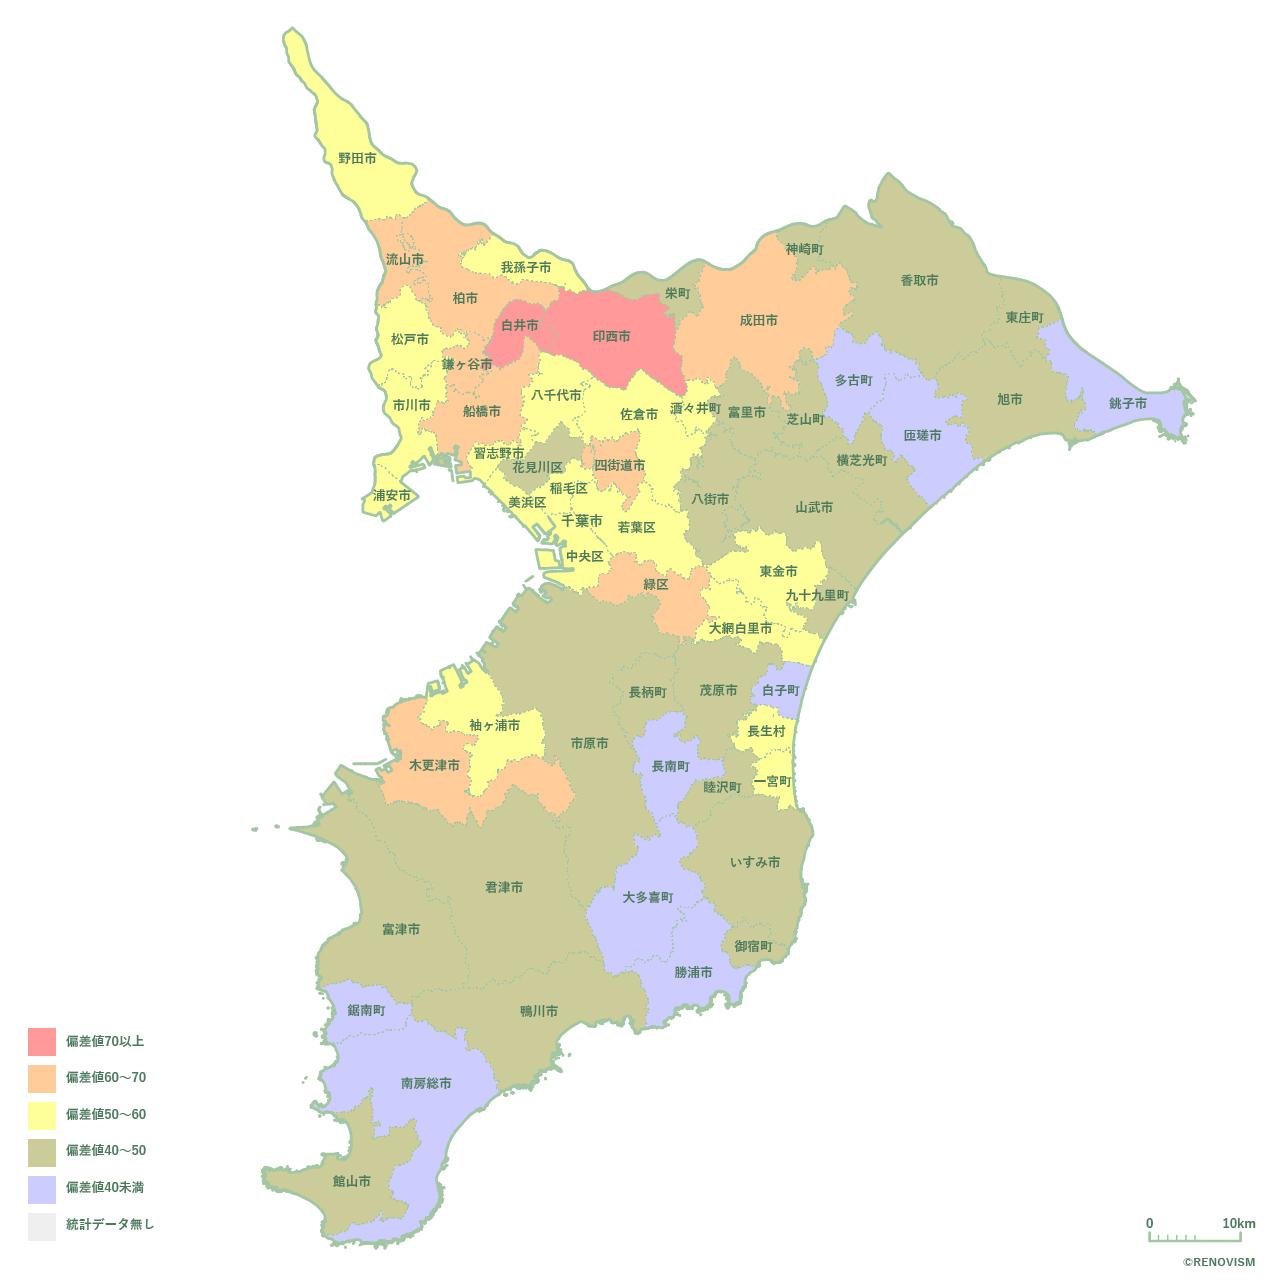 59地域別【世帯数増減率マップ】千葉県編 2020年